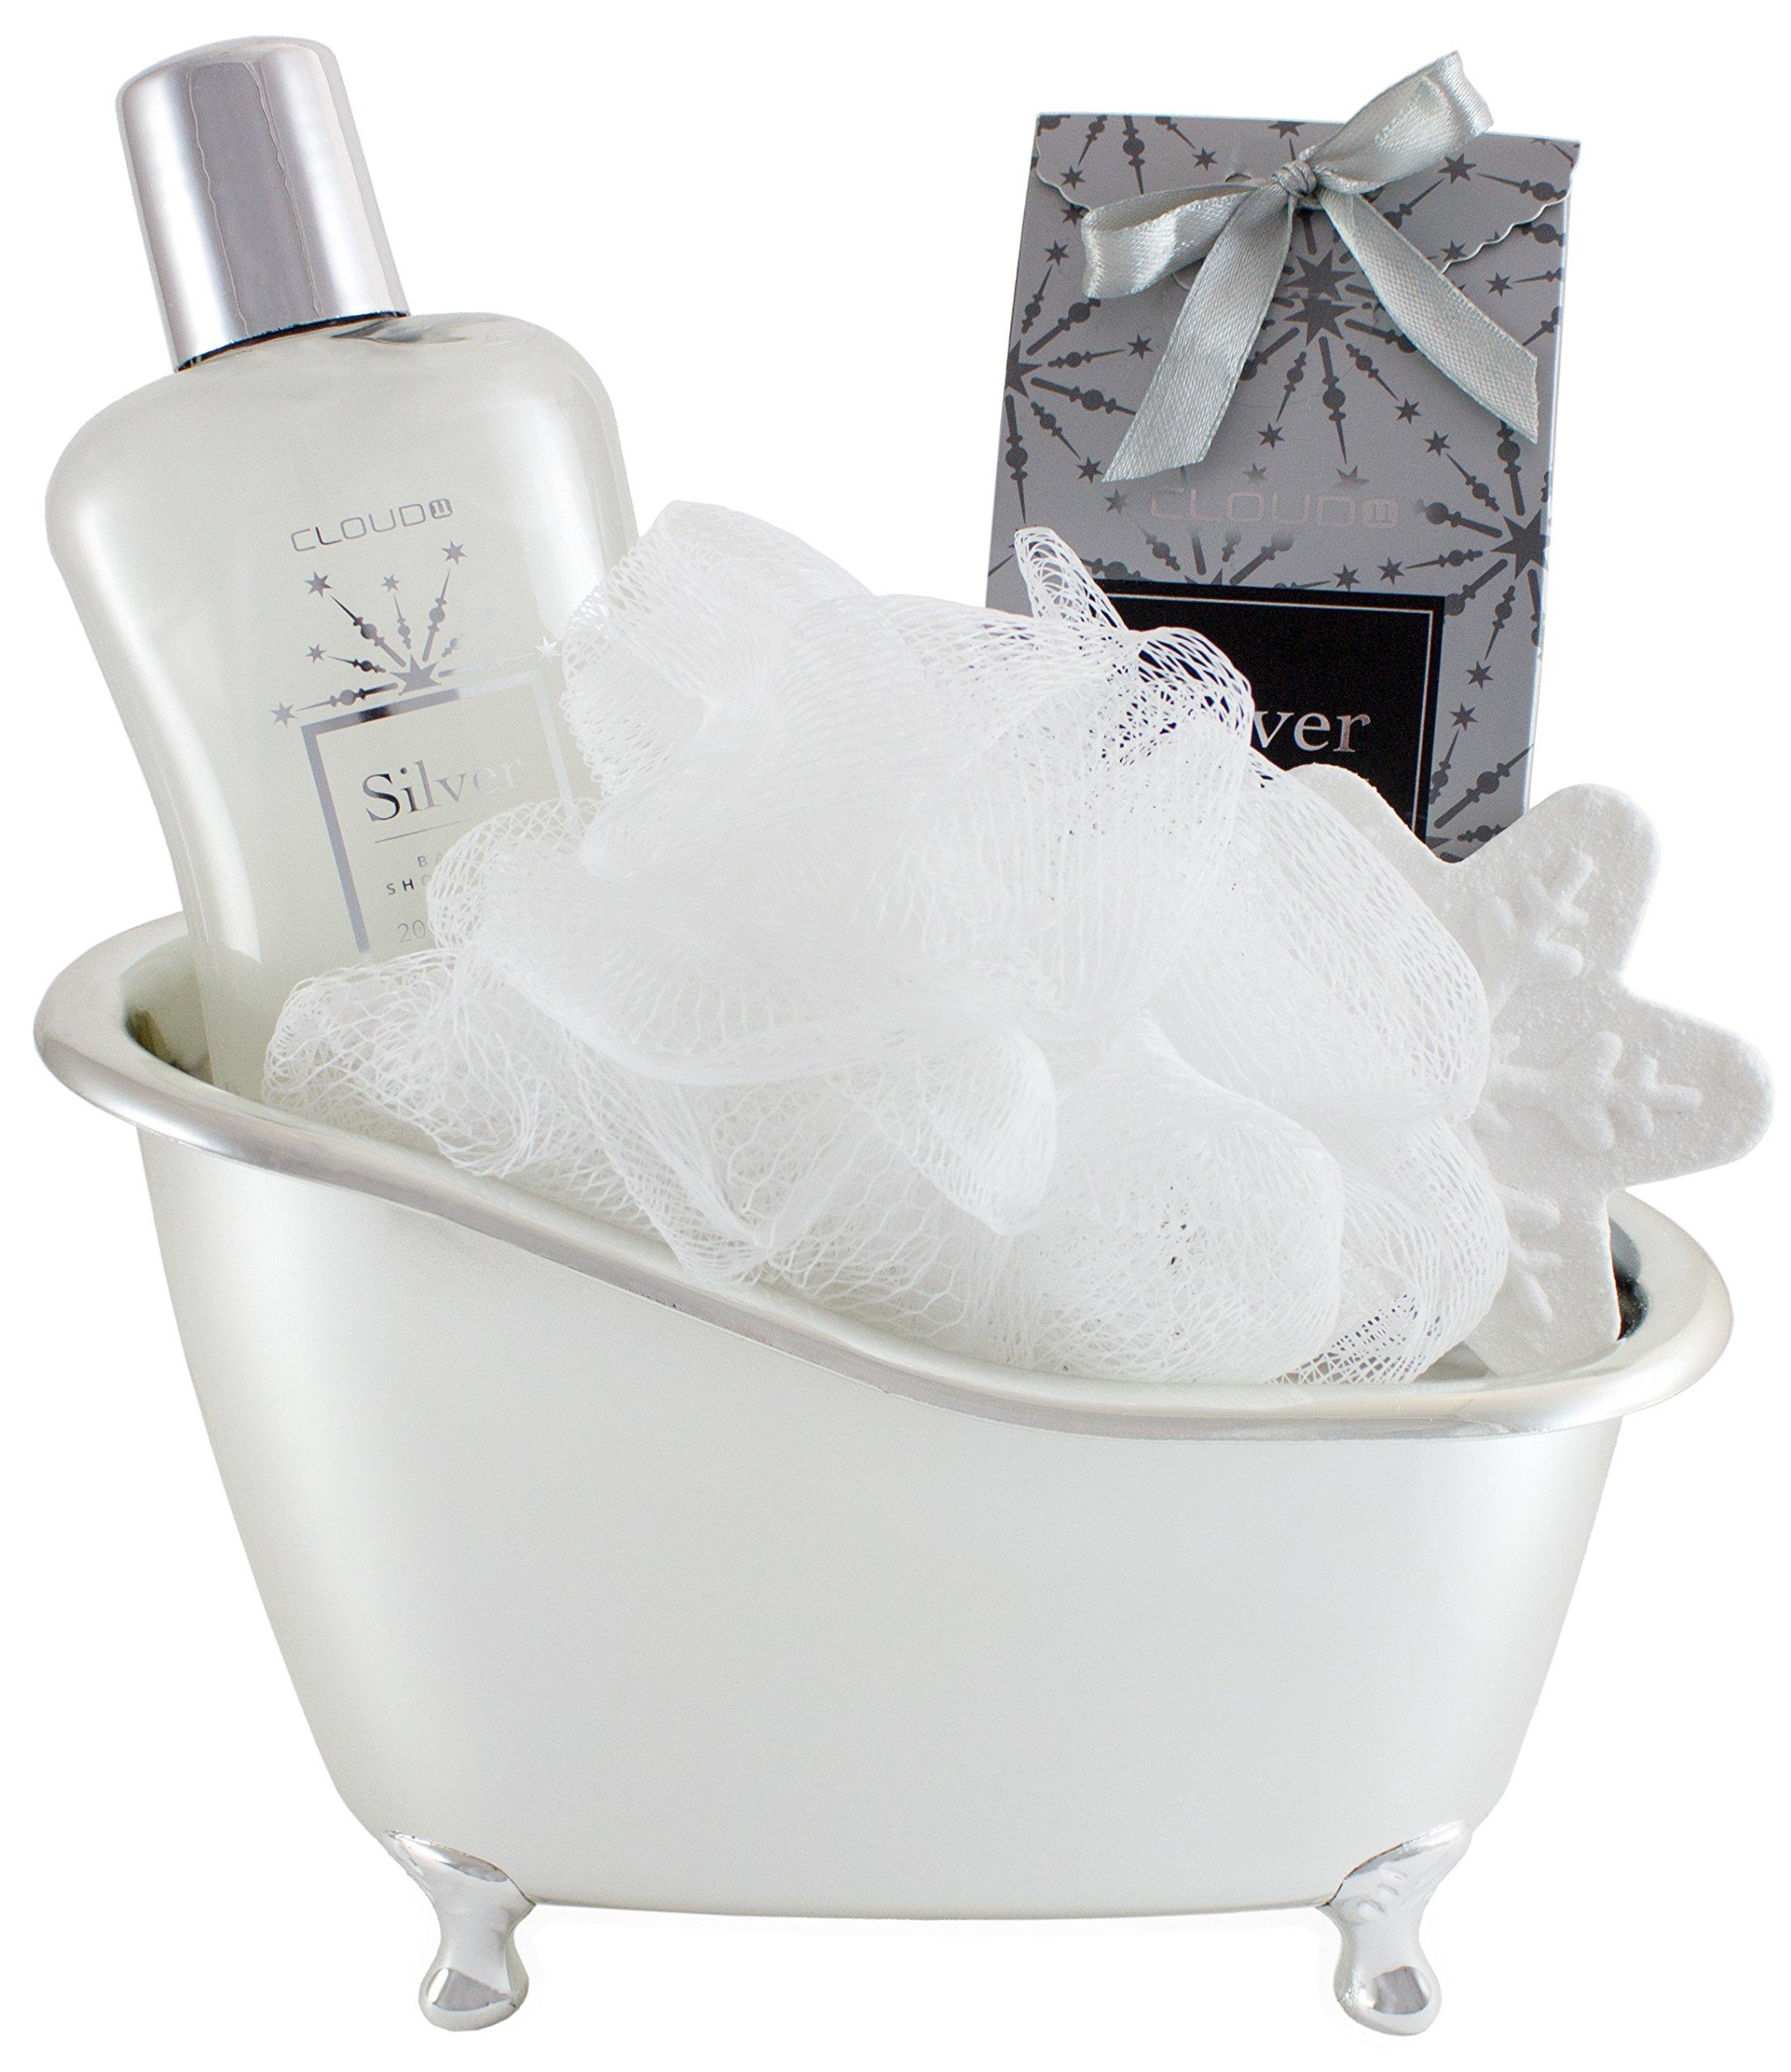 Amazon.com : BRUBAKER 5 Pcs Gift Set \'Vanilla\' Beauty Spa Set With ...